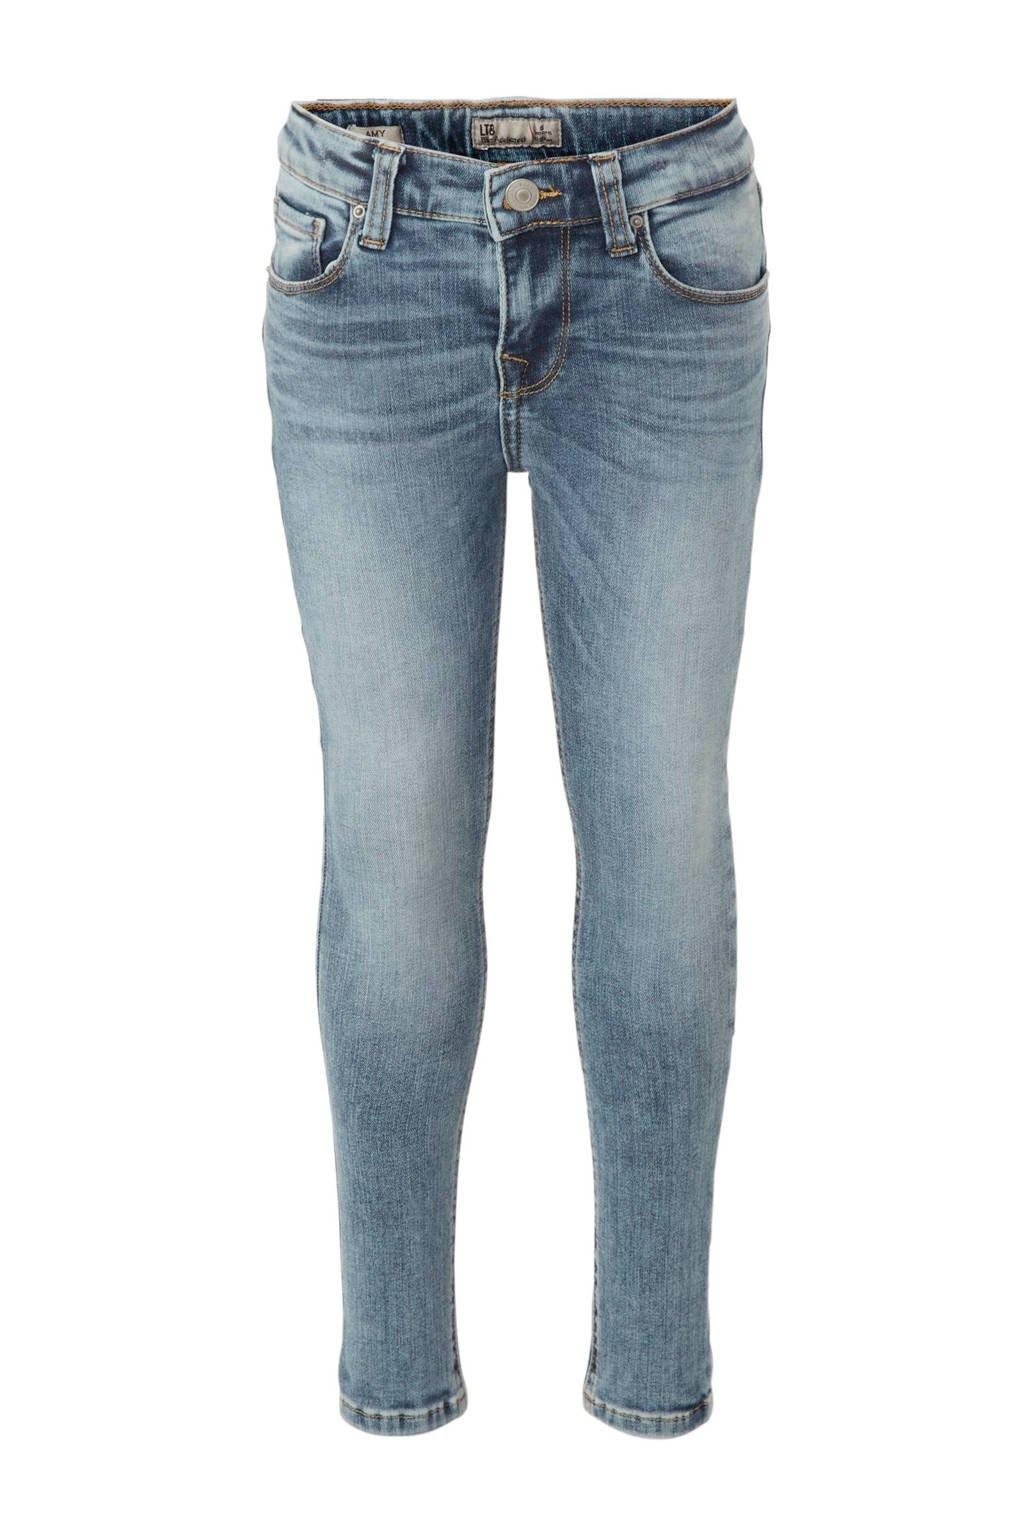 LTB skinny jeans Amy etu wash, Etu wash